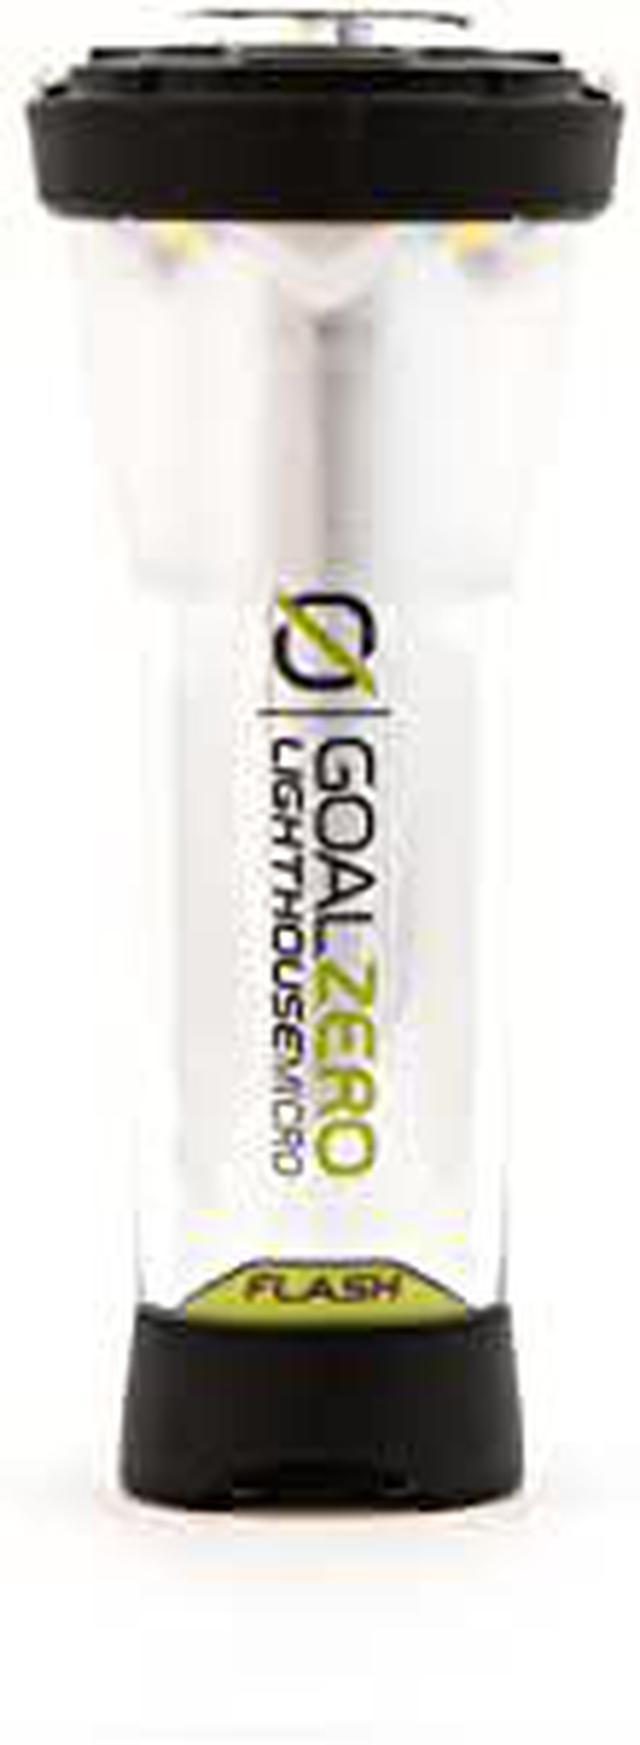 画像: Amazon | Goal Zero LIGHTHOUSE micro FLASH USB充電式LEDミニランタン 150ルーメン 防水 懐中電灯付 XX1366 32005 | GOAL ZERO | パソコン・周辺機器 通販